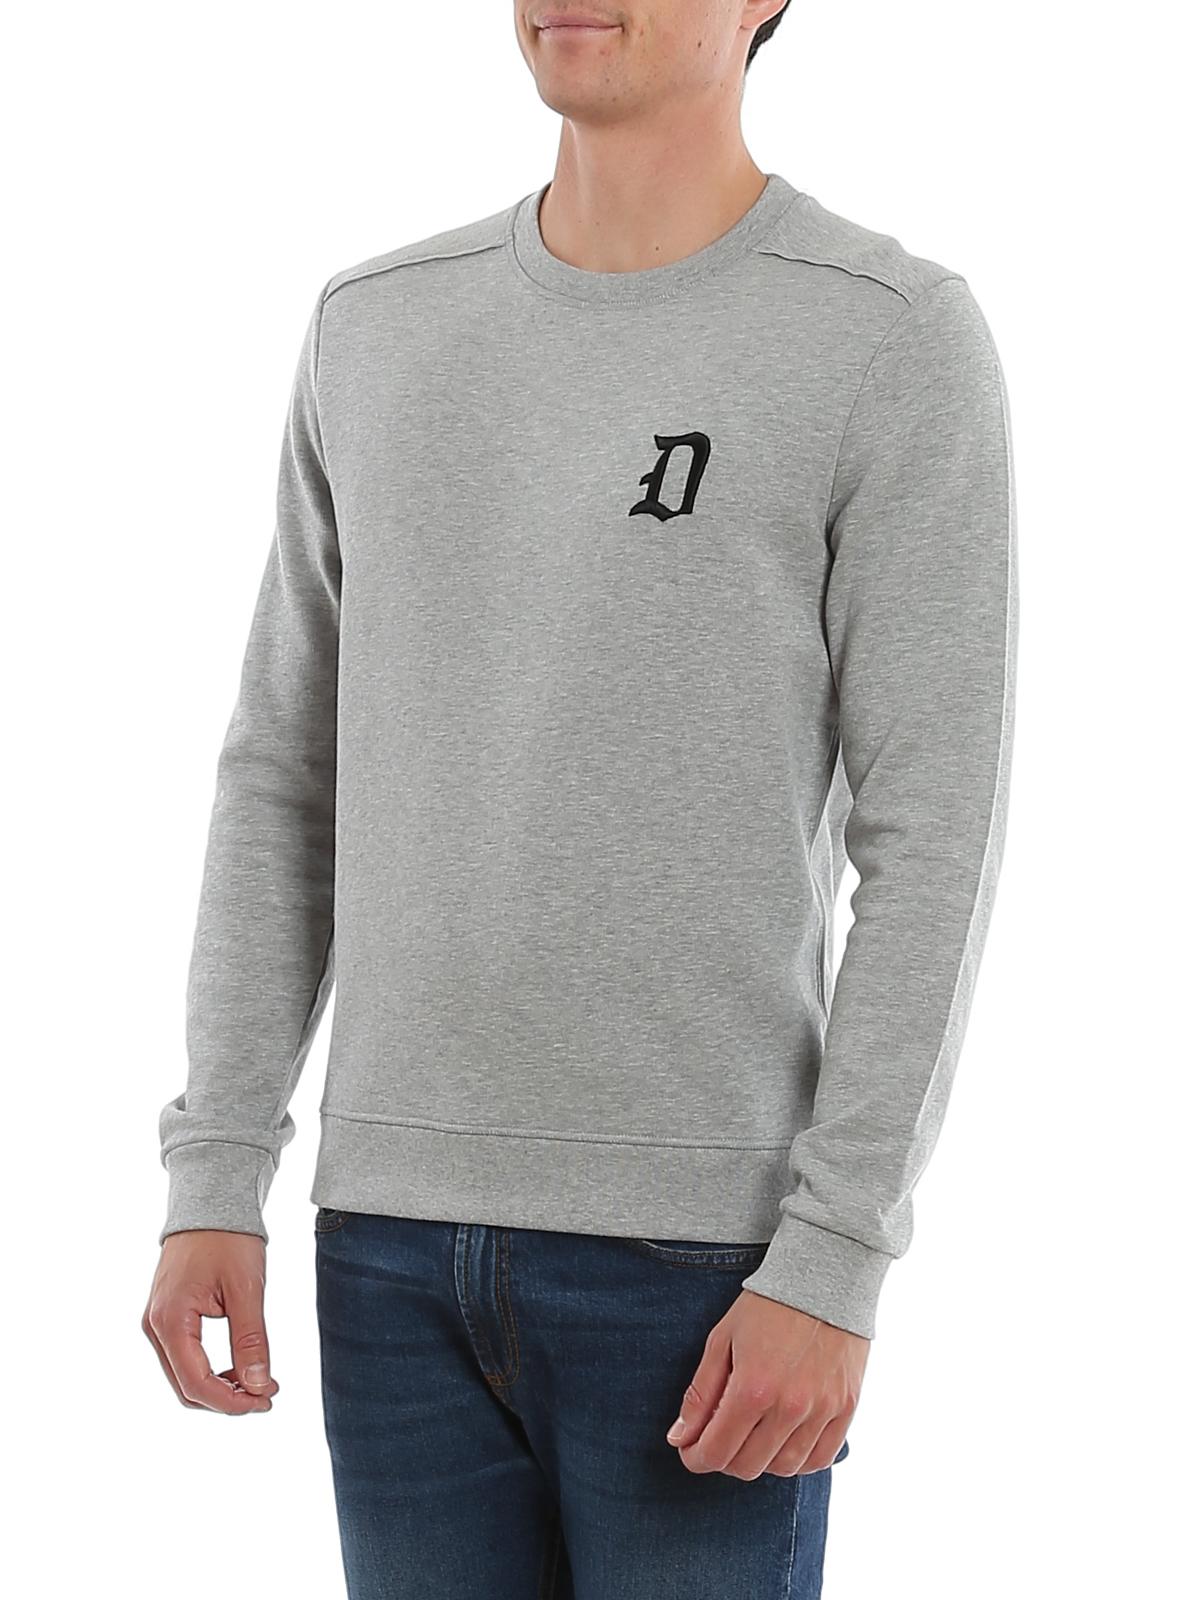 Embroidered cotton sweatshirt DONDUP | -108764232 | UF617KF0136UZD2DU903